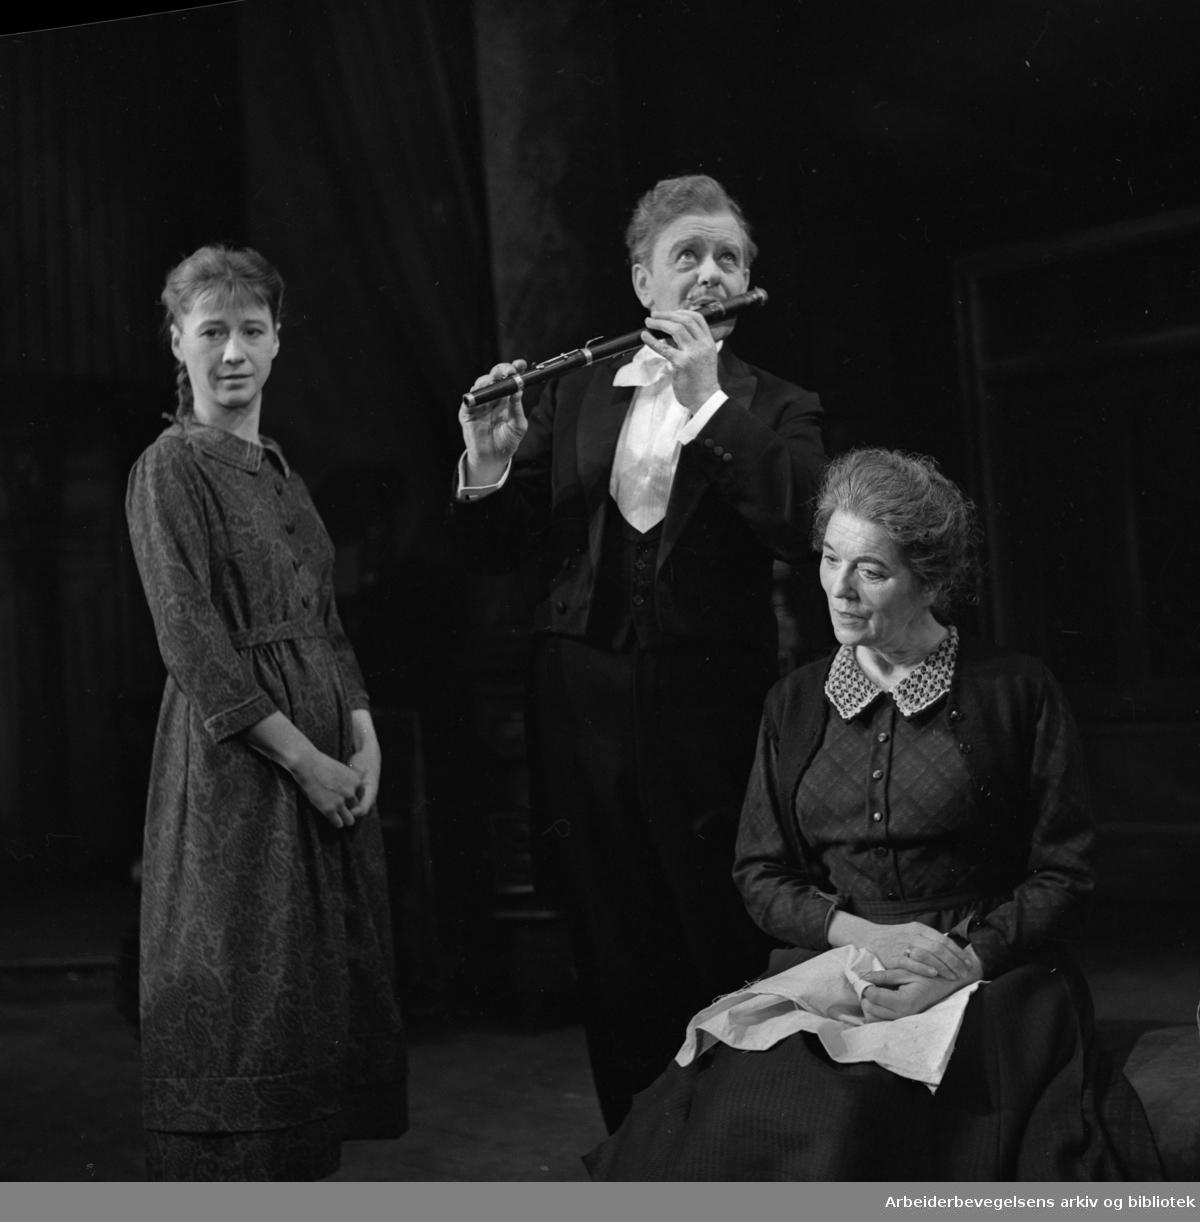 Nationaltheatret. Hovedscenen..VILDANDEN av Henrik Ibsen. Premiere 03.11.1964..Liv Thorsen som Hedvig. Per Aabel i rollen som Hjalmar Ekdal og Tore Segelcke som Gina Ekdal.